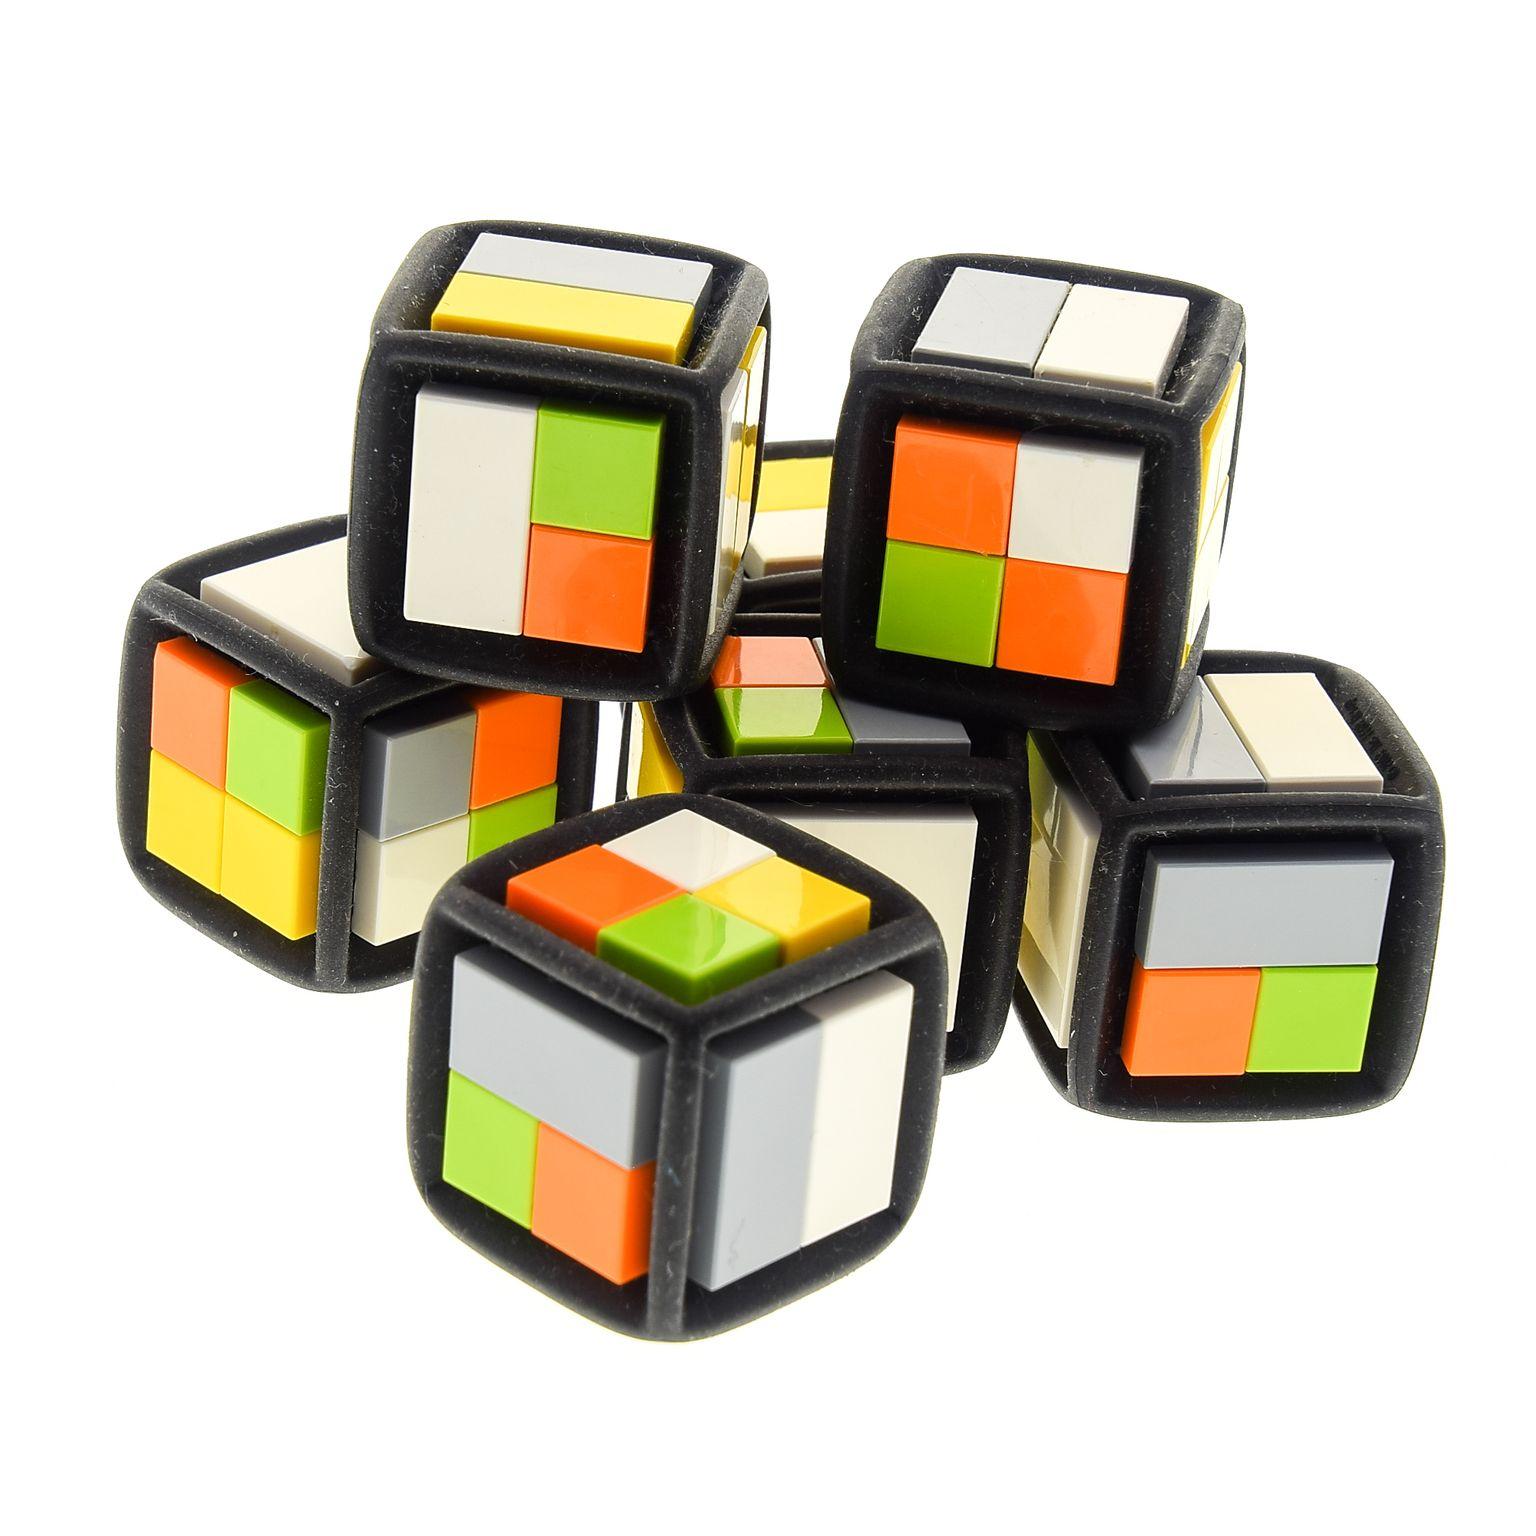 Lego 5 x Runde Fliesen Kacheln 2x2 in Schwarz